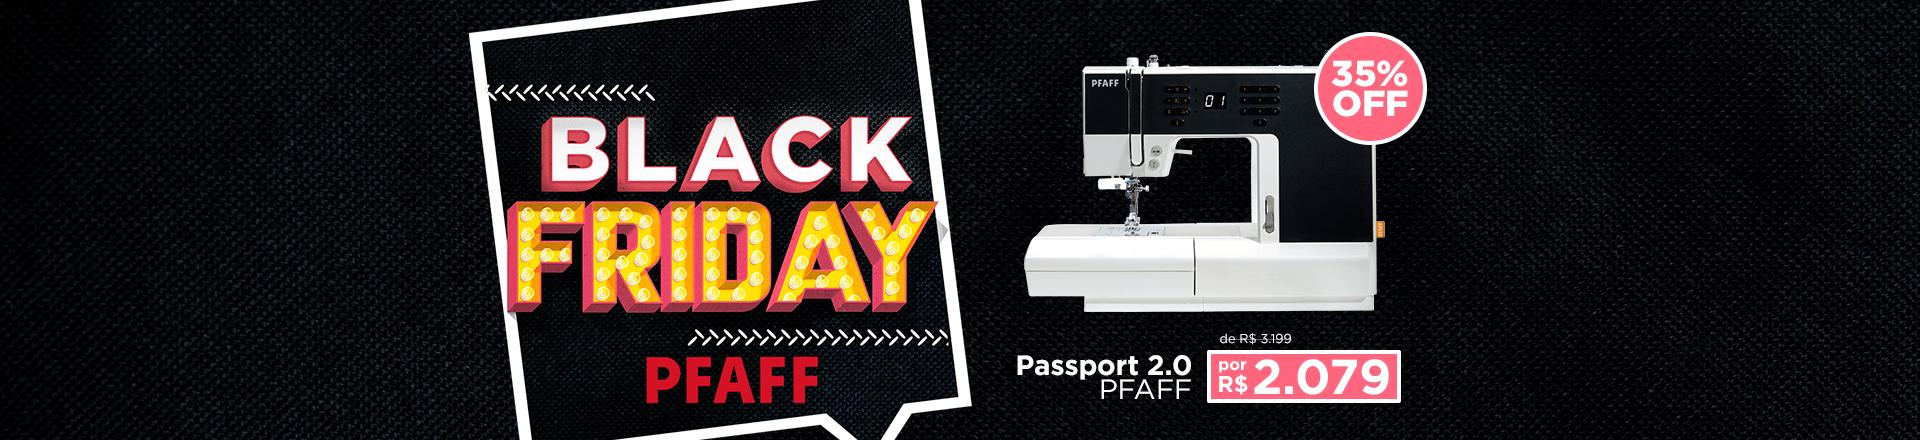 banner-bf-passport-2.0-pfaff-desk